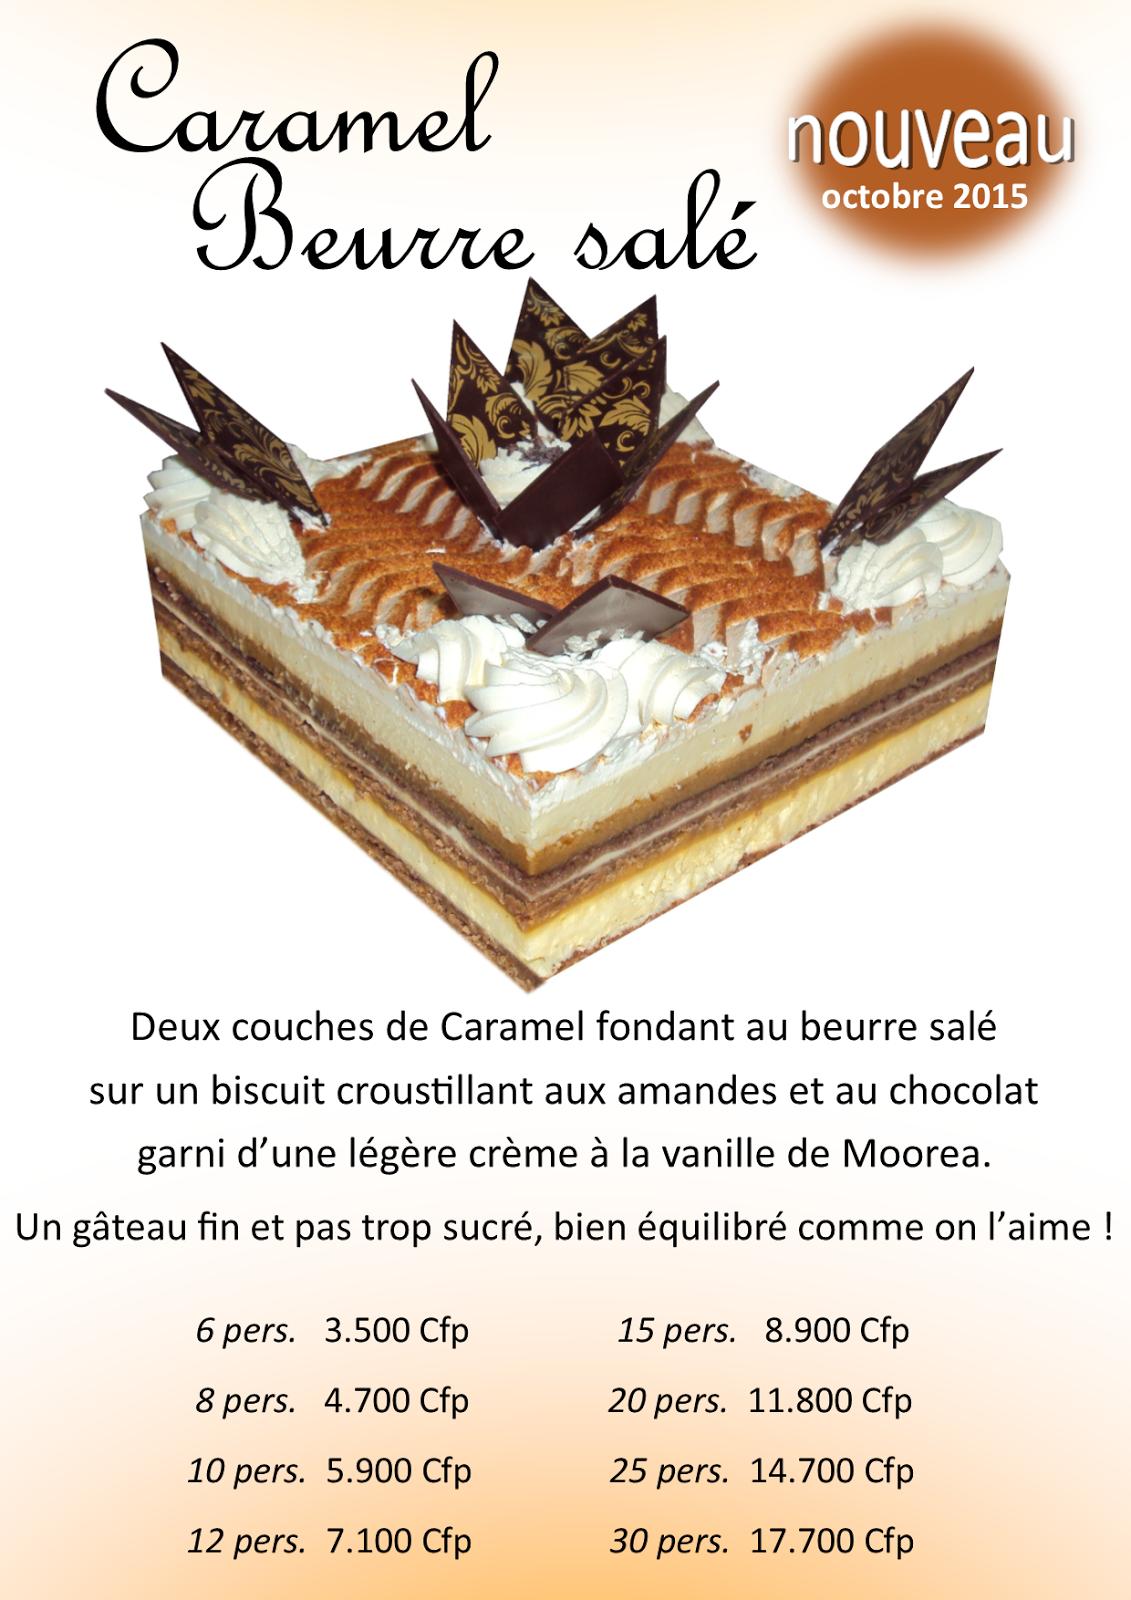 La Pâtisserie Jolie